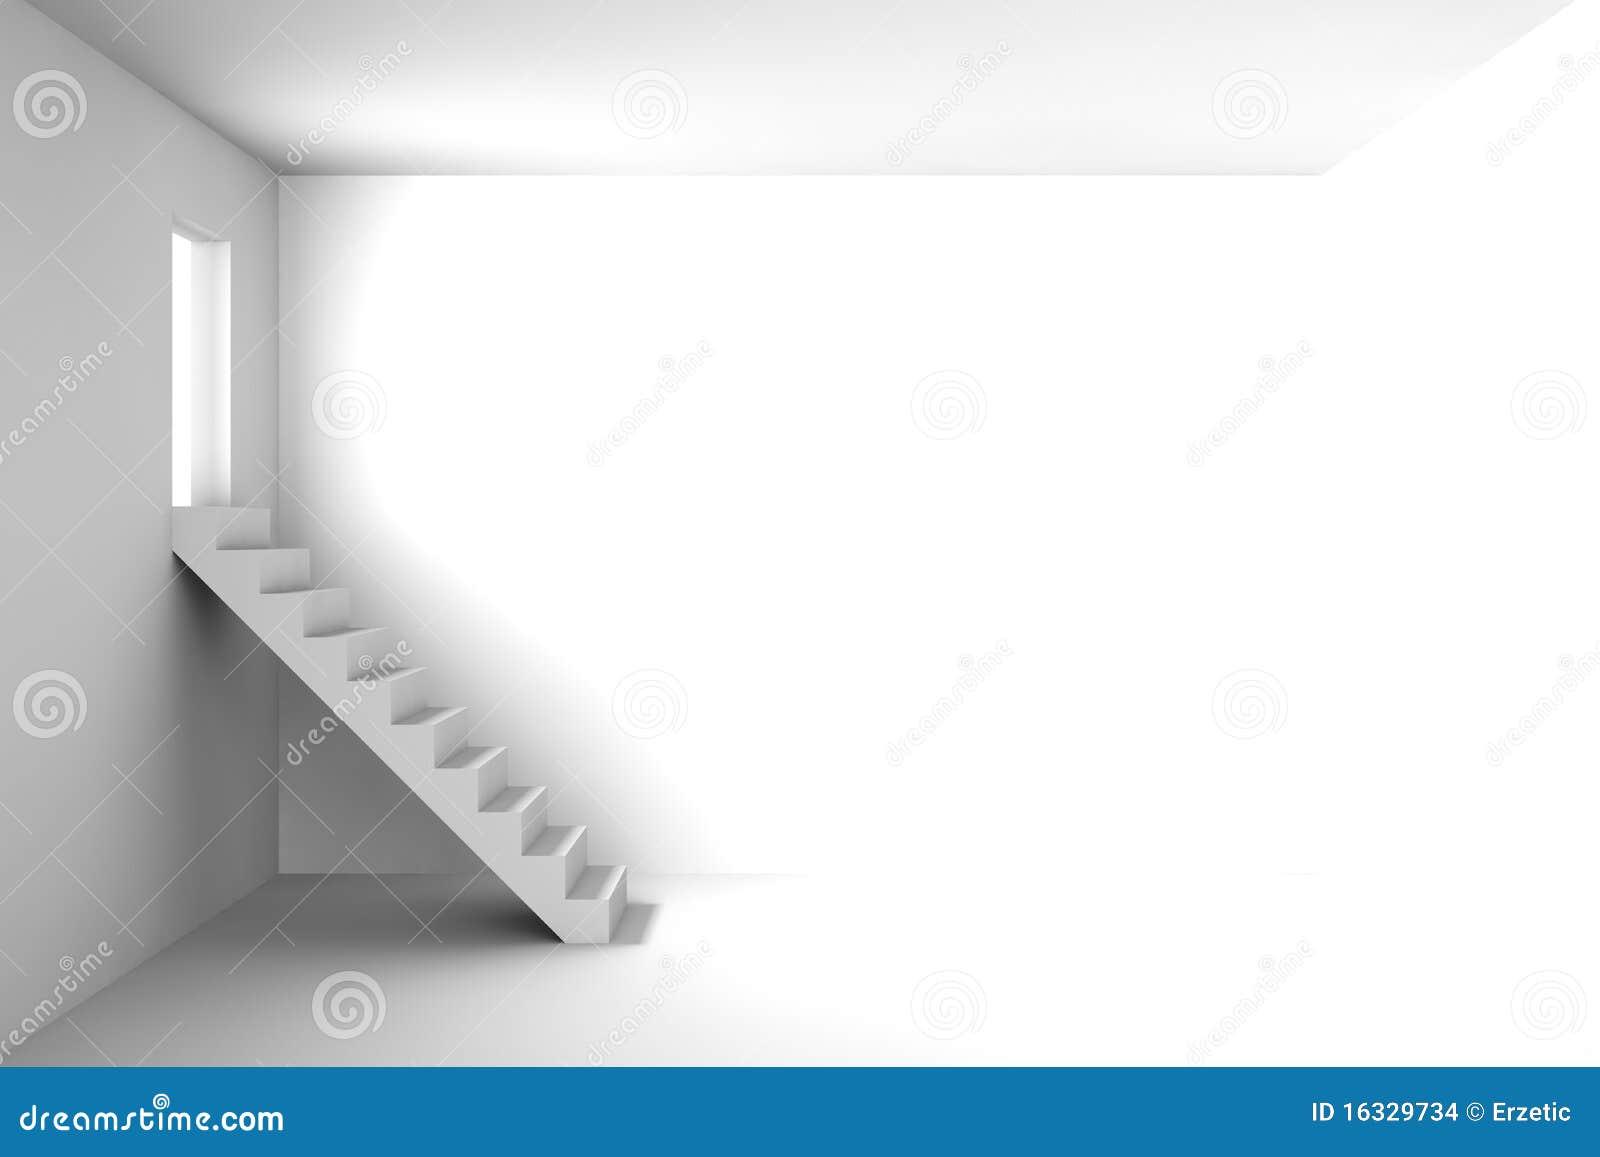 raum mit einem ausgang stockbilder bild 16329734. Black Bedroom Furniture Sets. Home Design Ideas